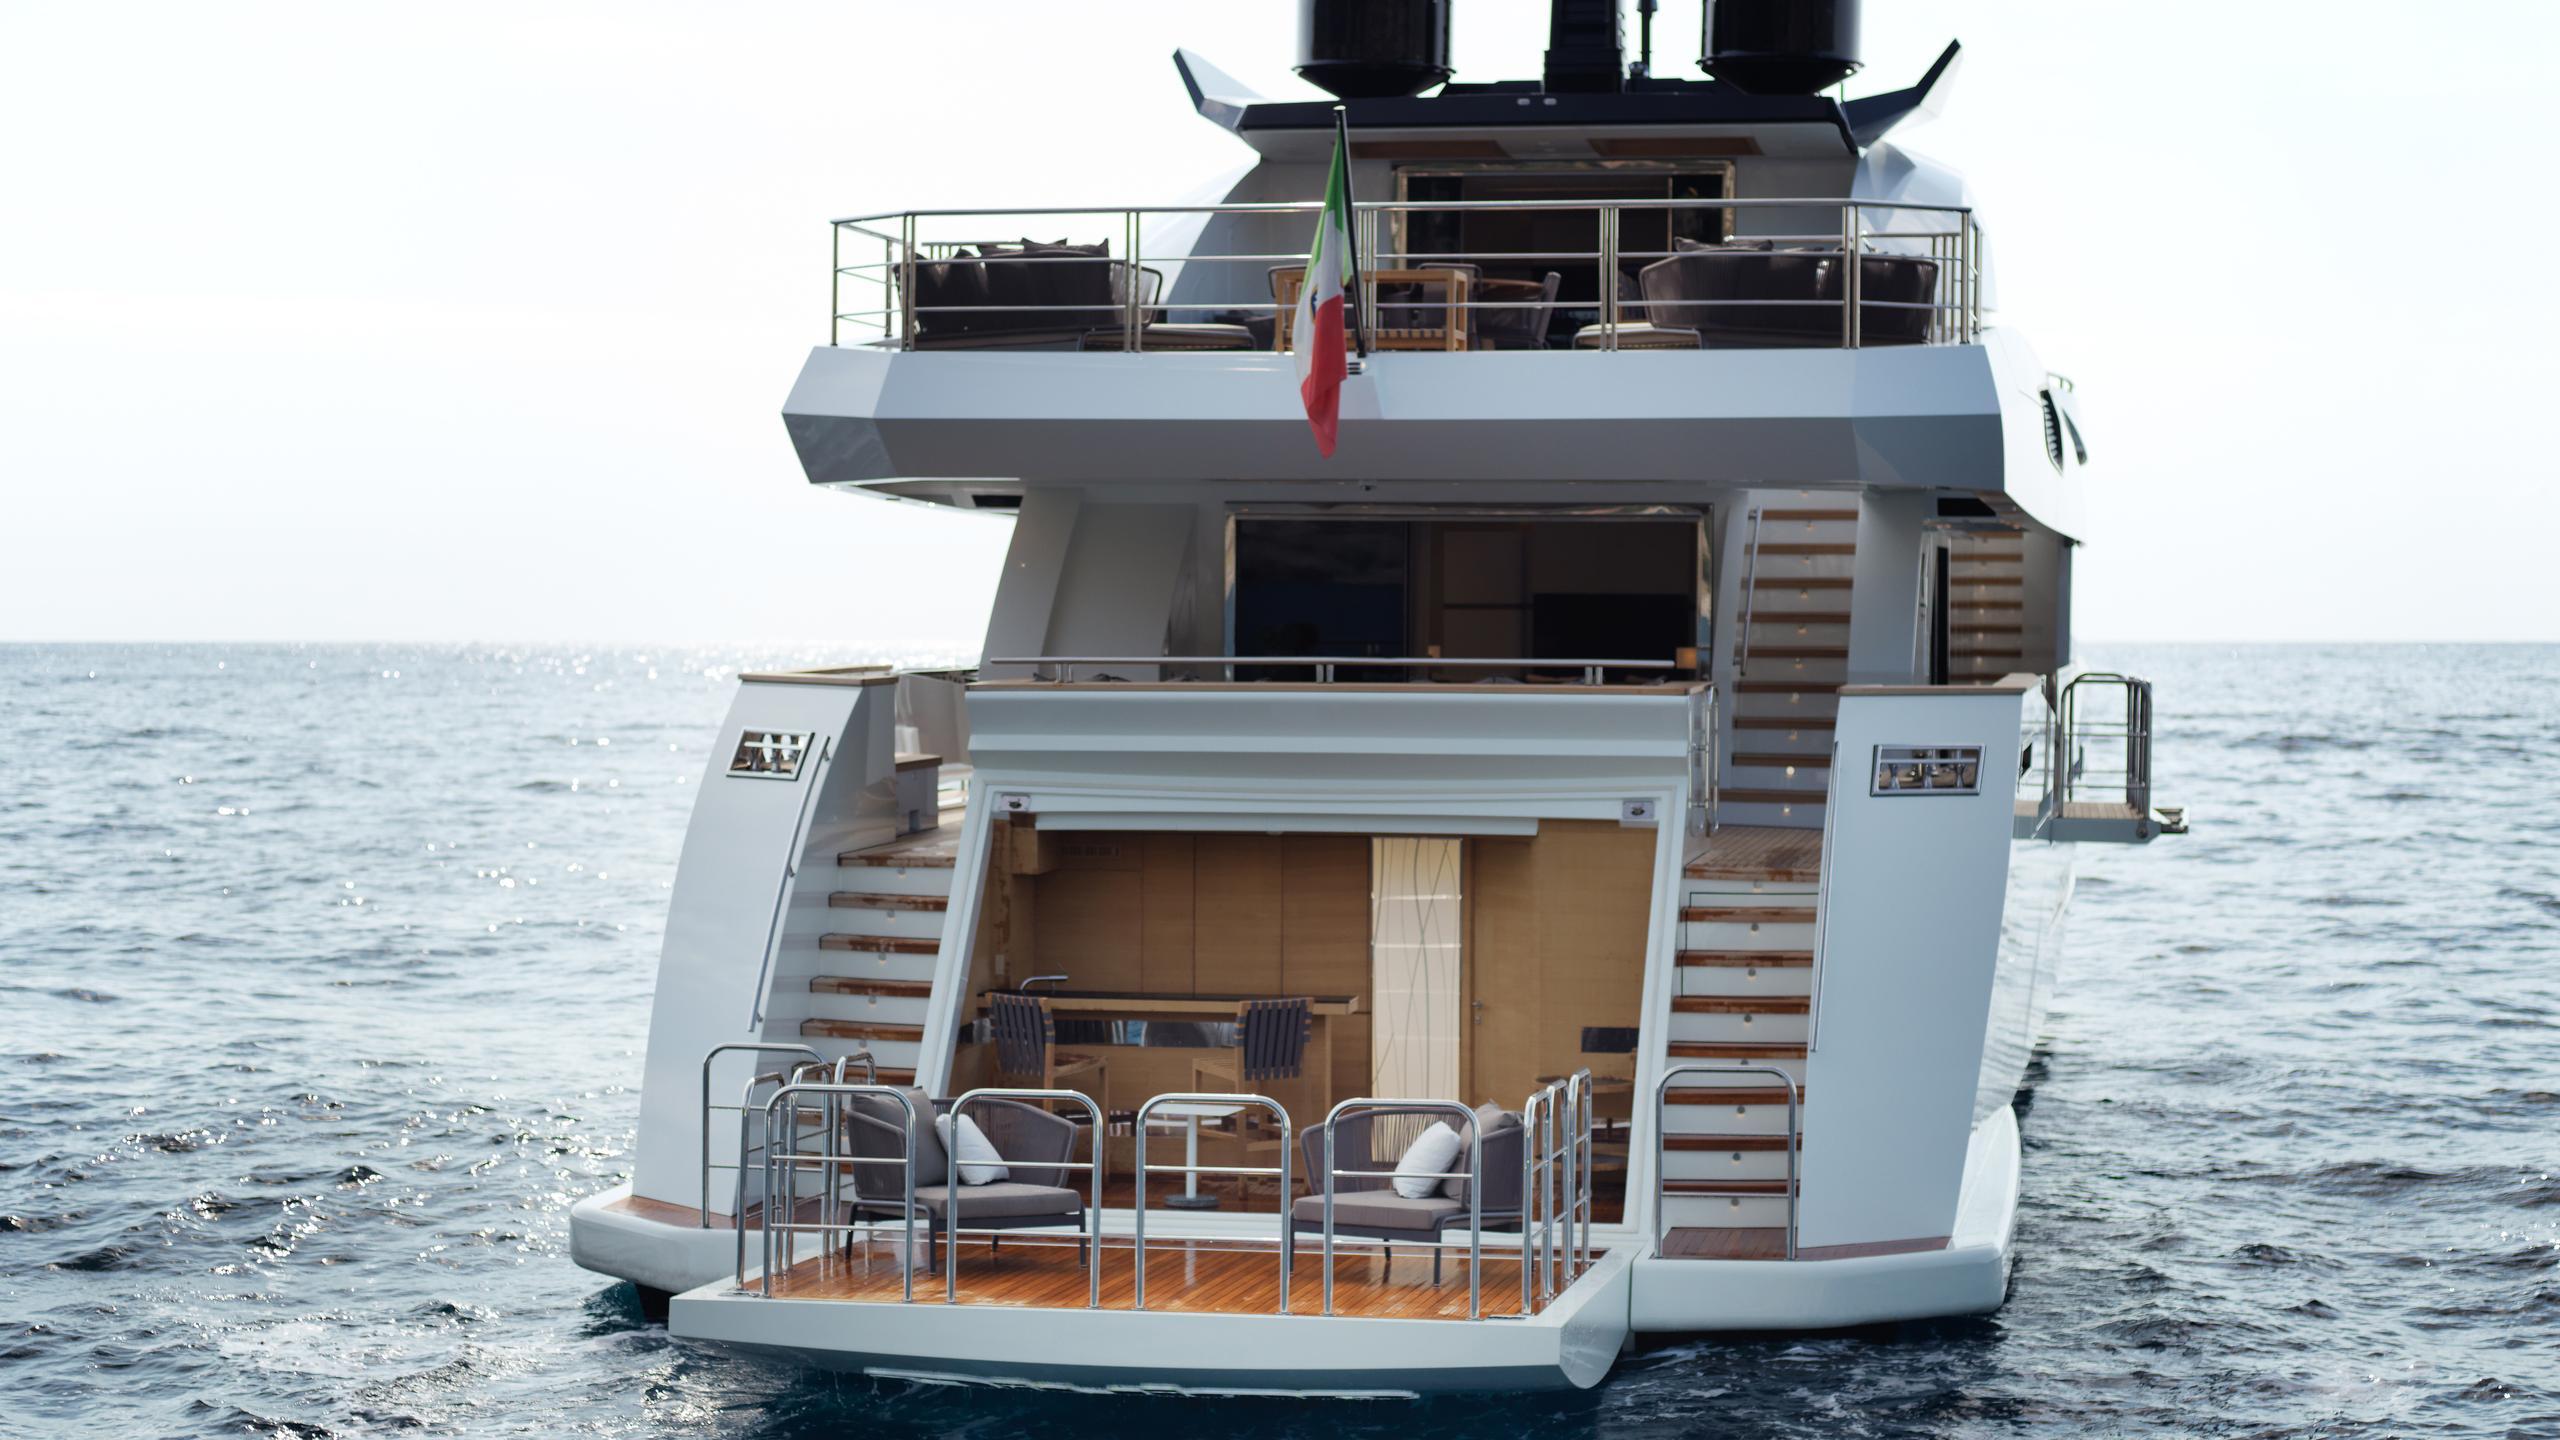 k-divine-motor-yacht-palumbo-40s-2015-40m-stern-beach-club